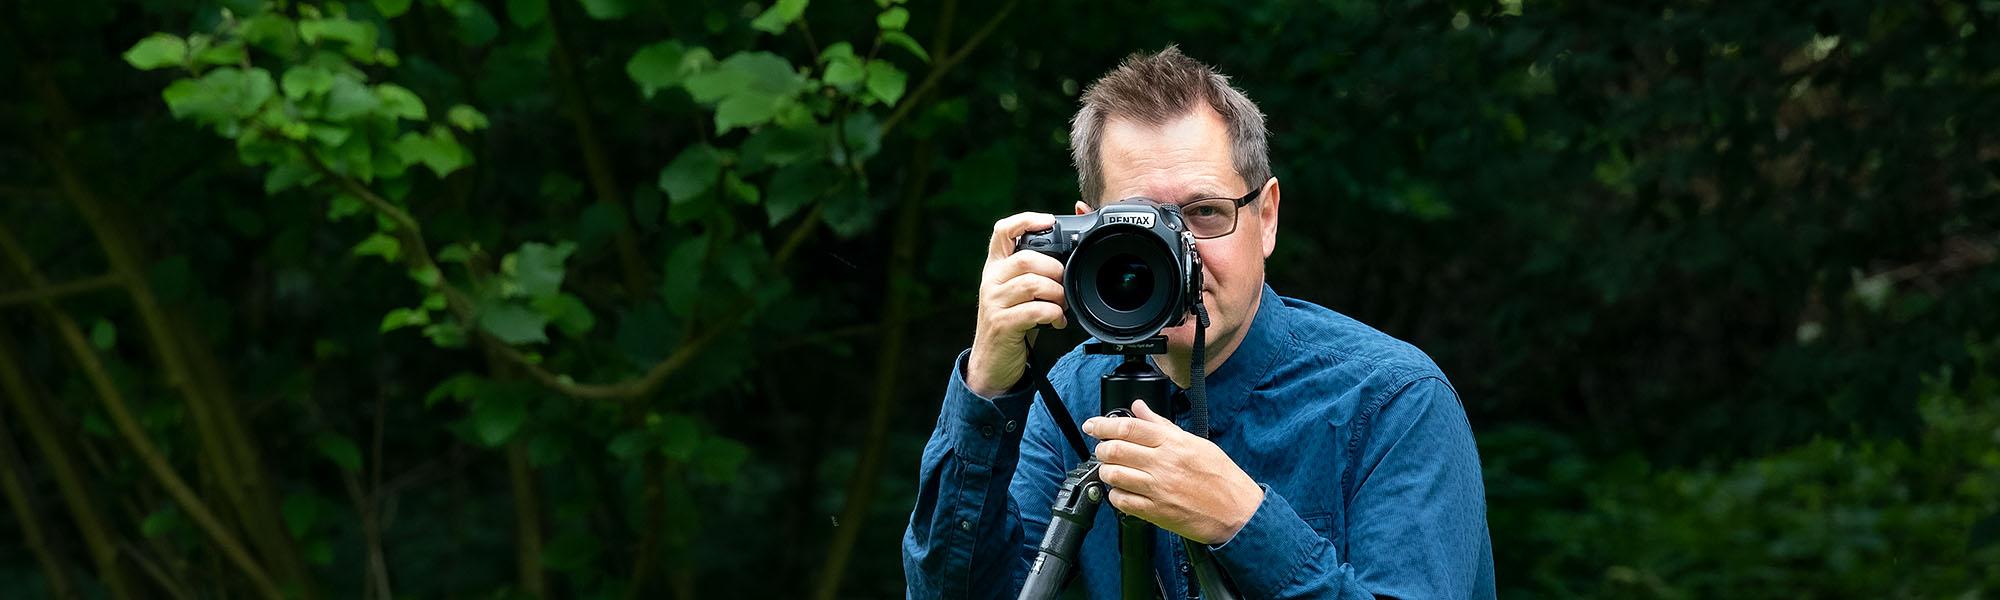 Jan Duker | Fotograaf